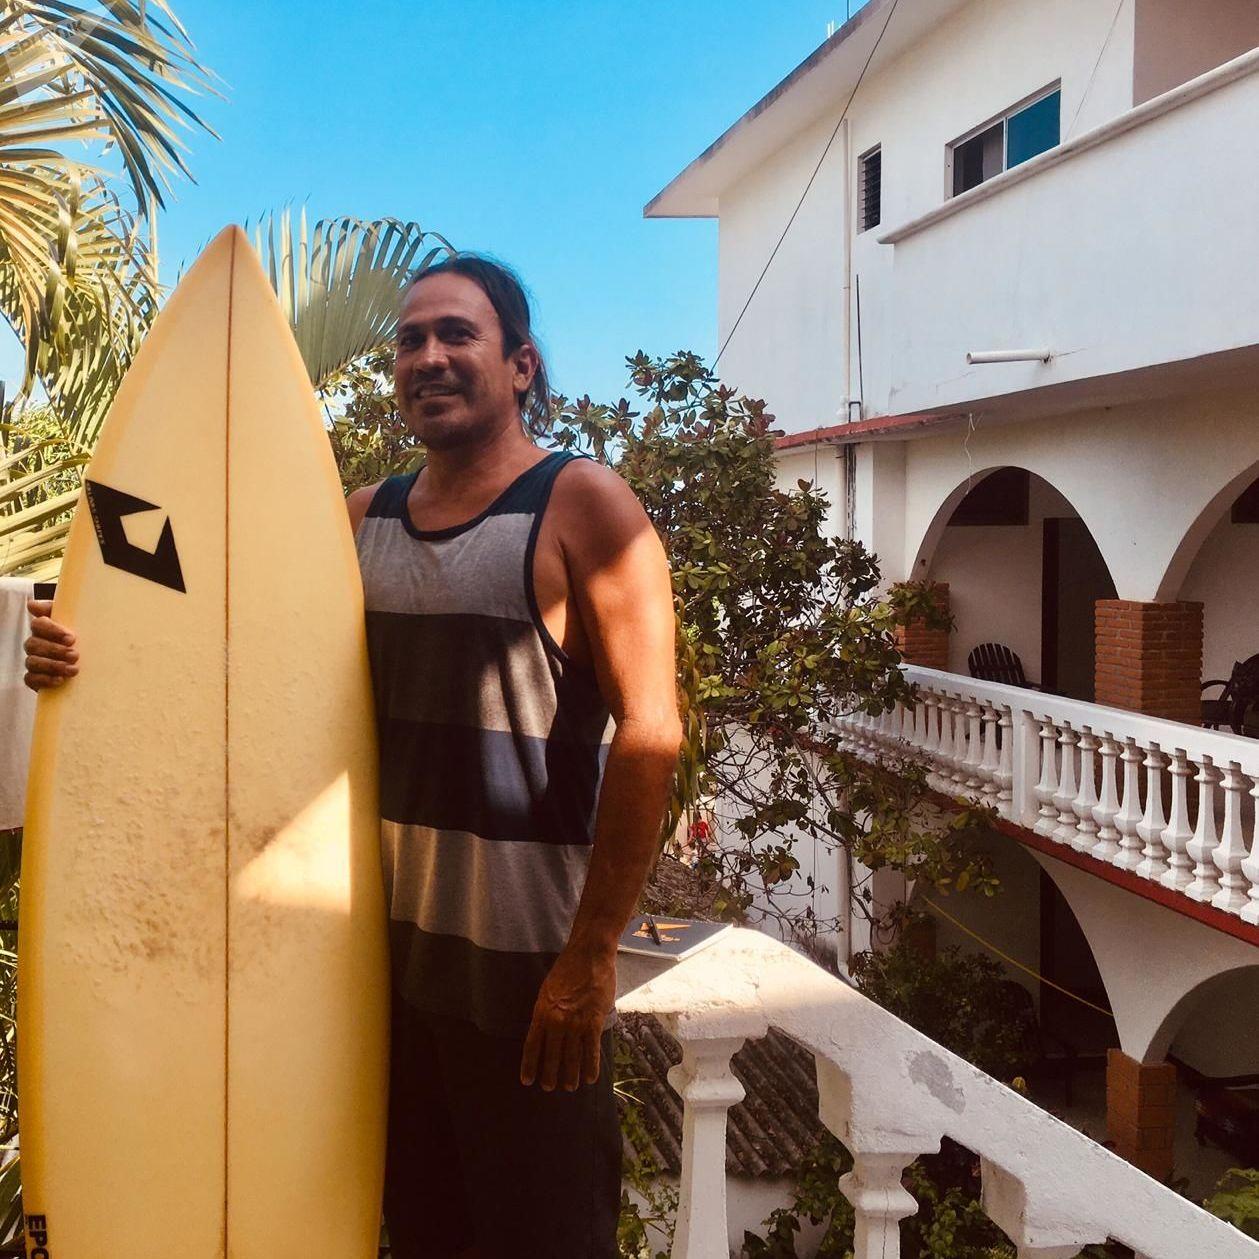 Roberto Salinas Rebollar antes competía en surf, pero debido a lesiones que ha sufrido ahora fabrica tablas en Puerto Escondido (Oaxaca)